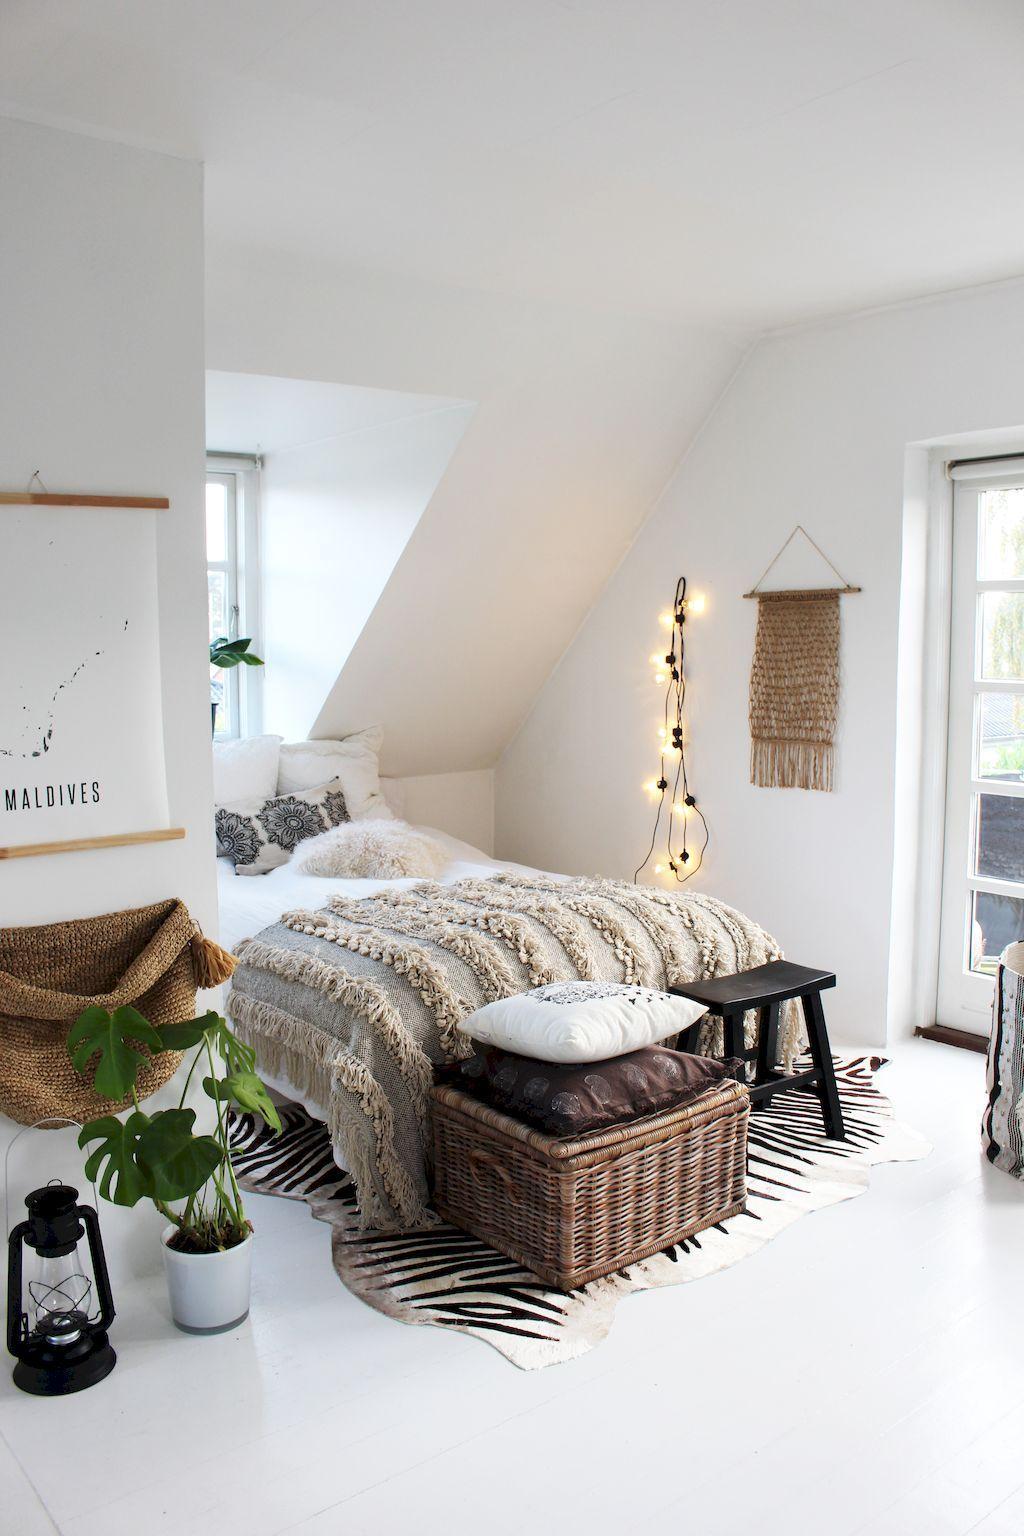 70 simple minimalist bohemian bedroom design on a budget ... on Bohemian Bedroom Ideas On A Budget  id=27103